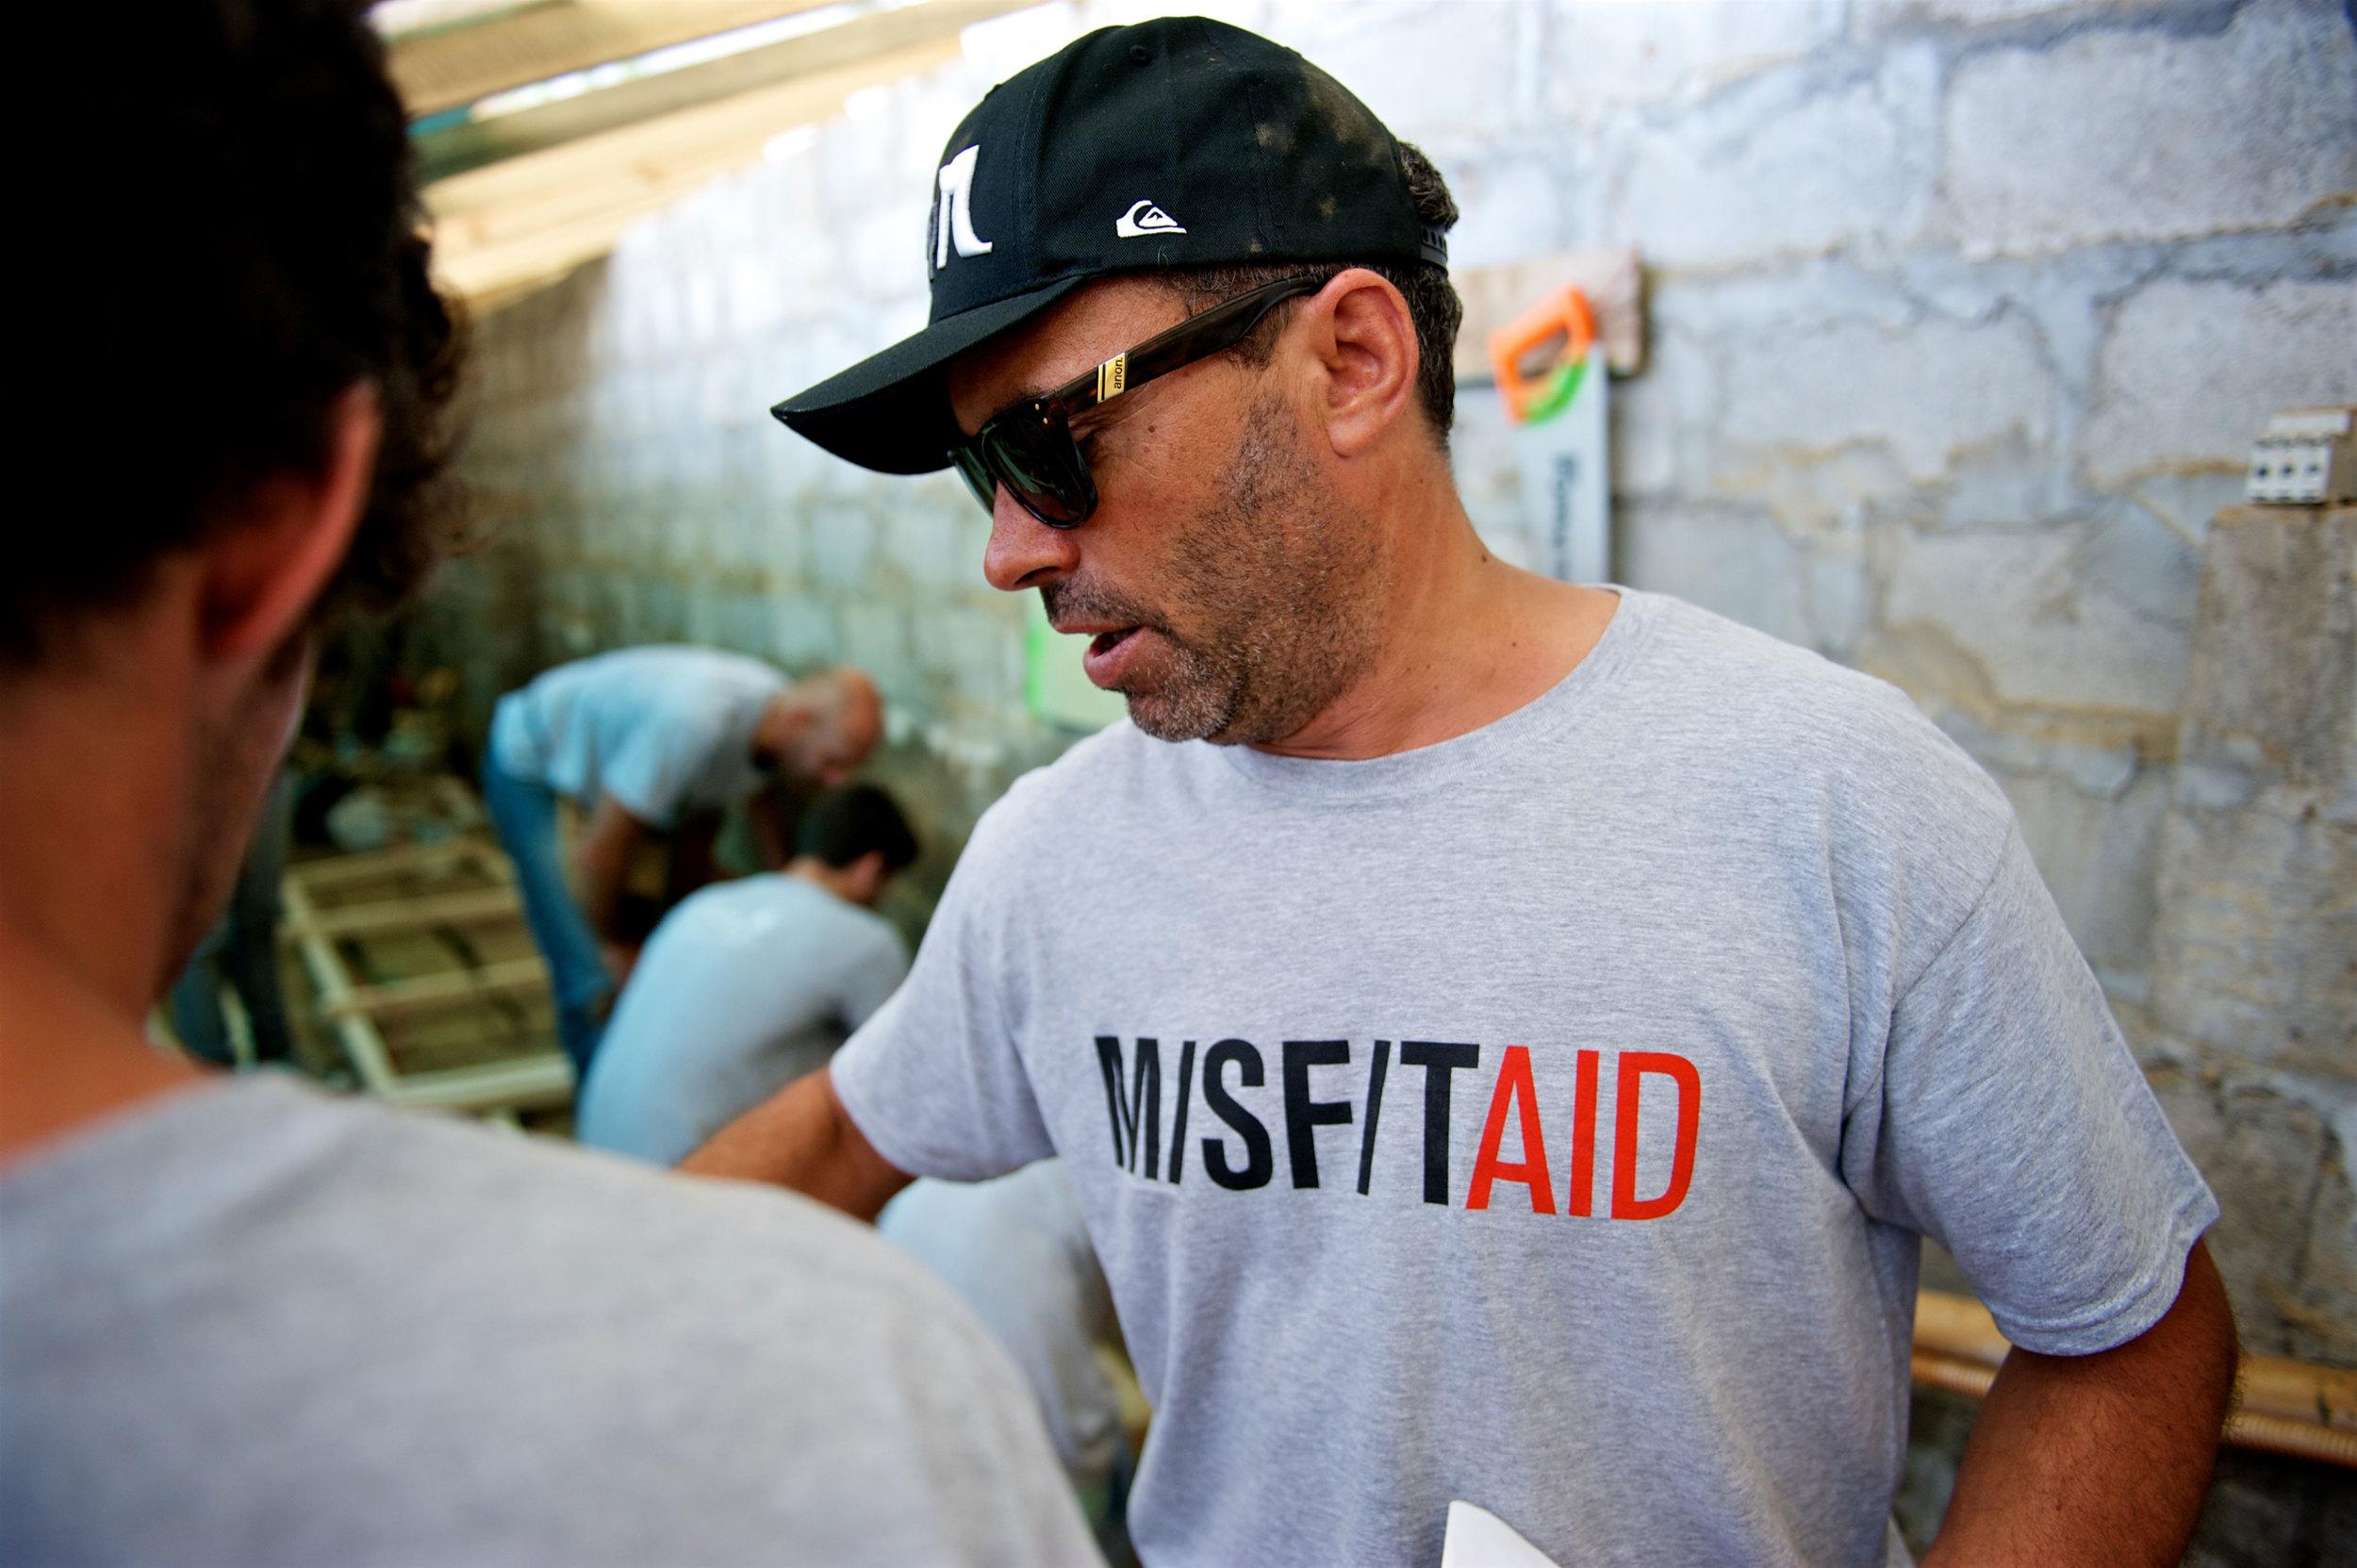 Misfit-Aid-002.jpg